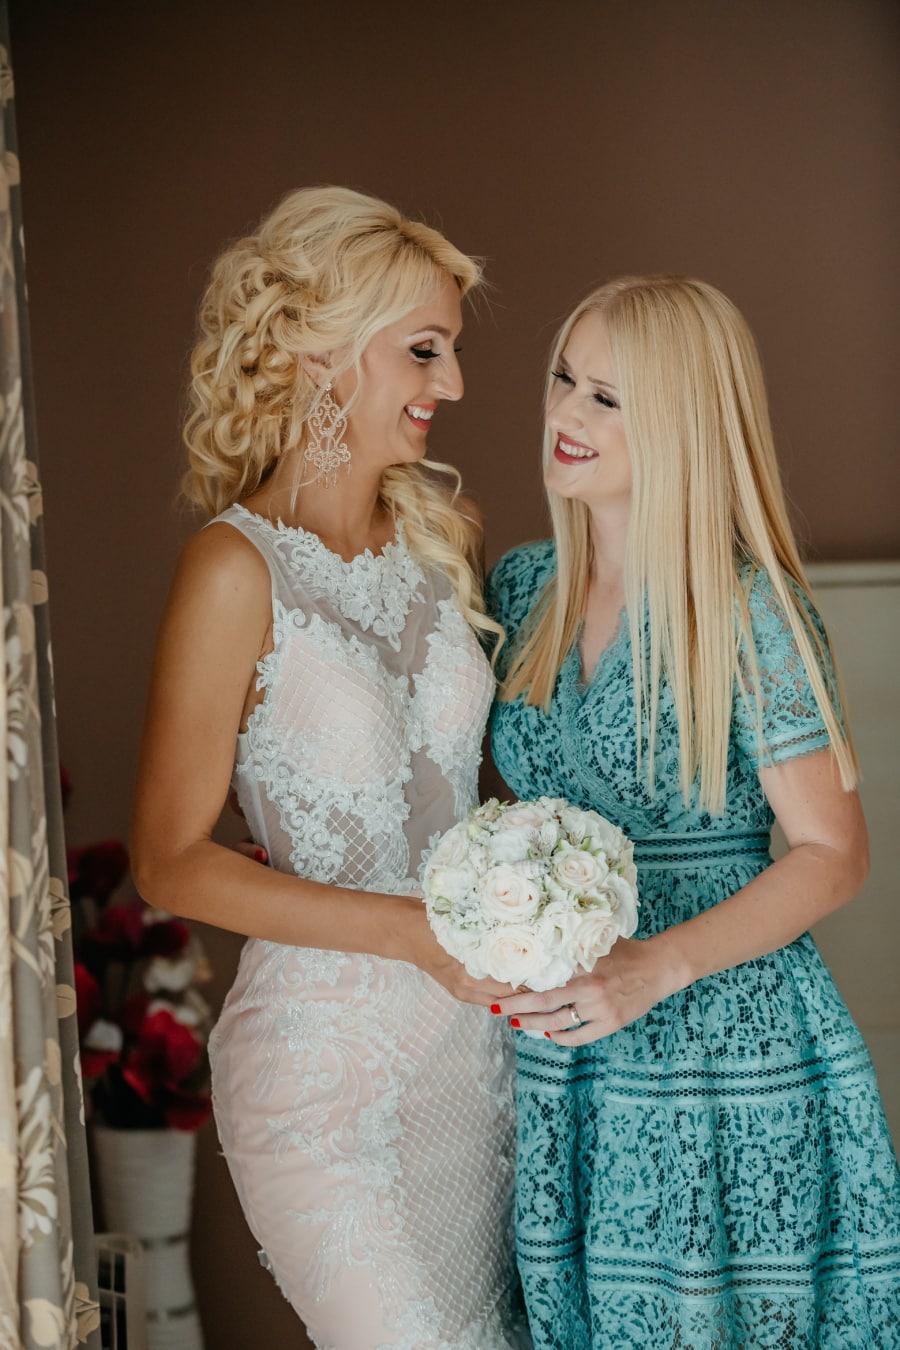 Mädchen, Blondine, Freundin, Beziehung, Mädchen, Frau, blond, Hochzeit, Mode, Kleid